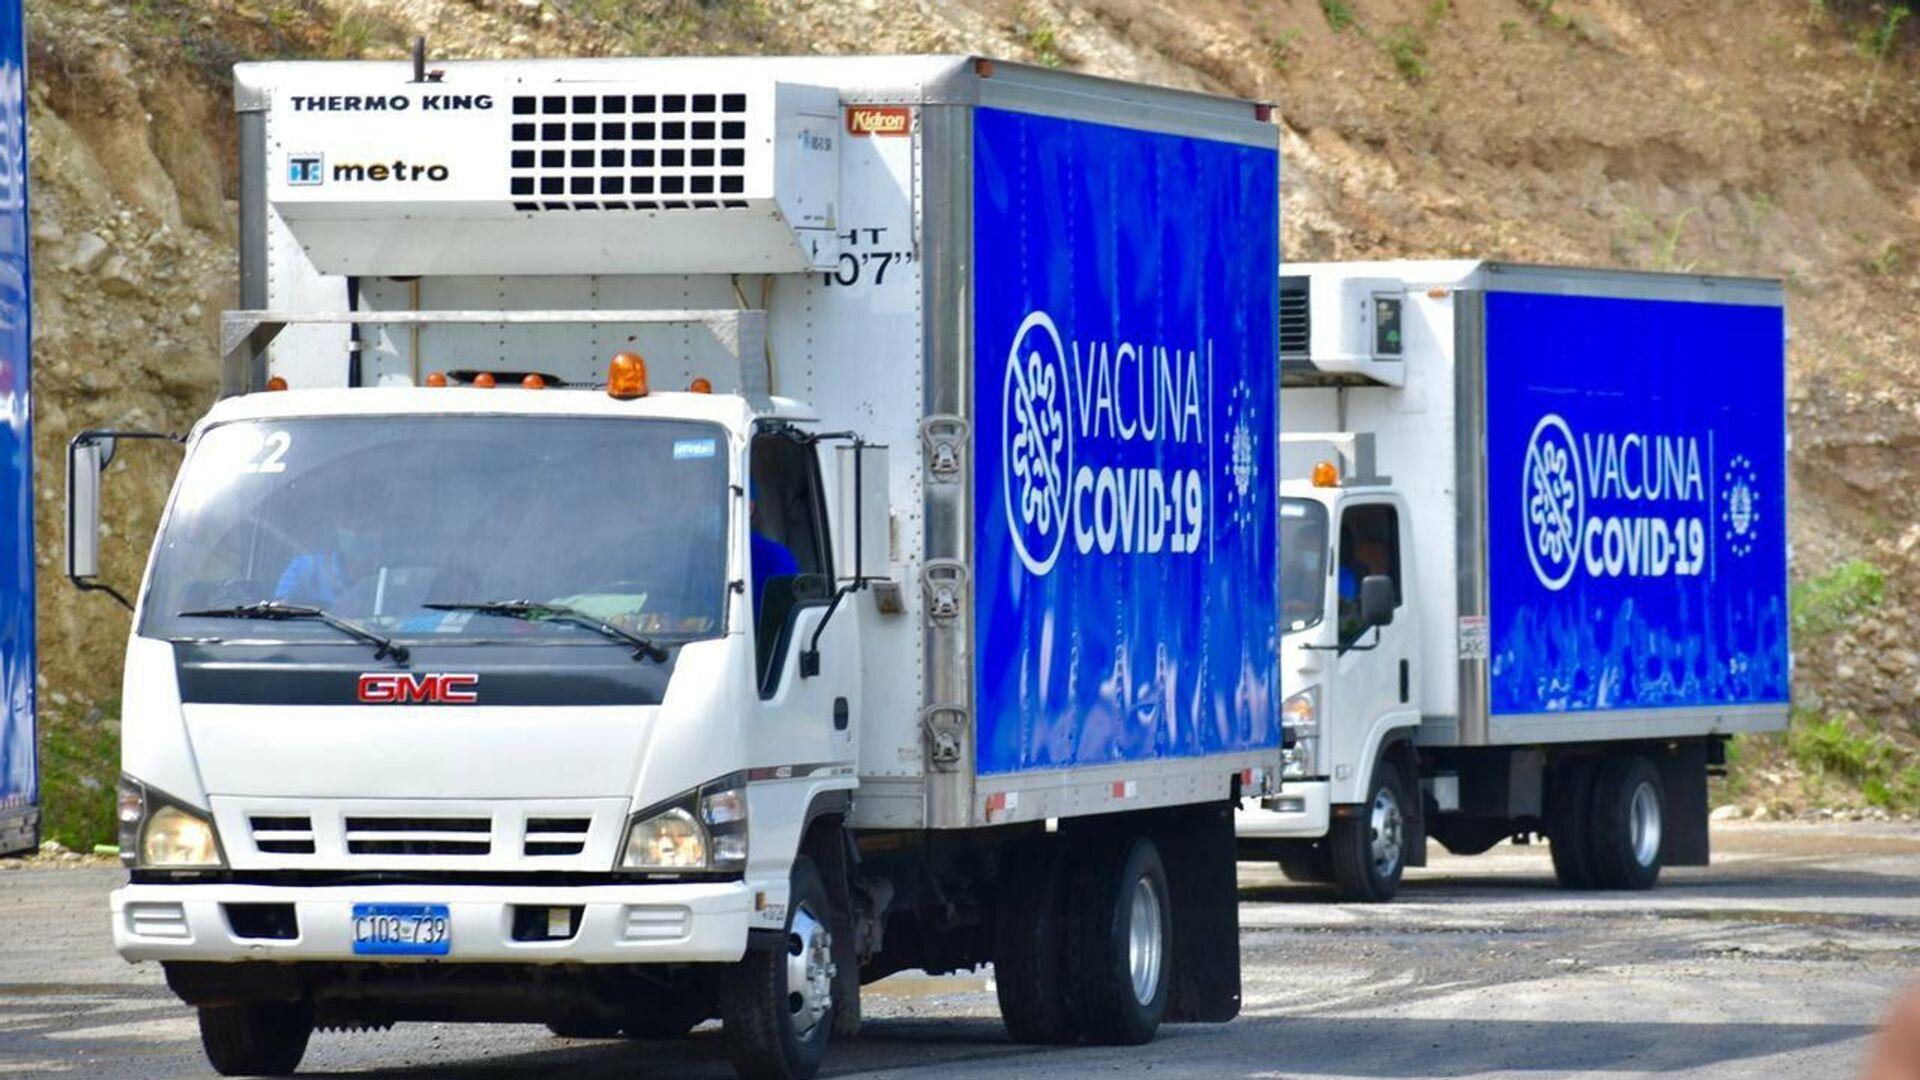 Llegada a Honduras de vacunas contra el coronavirus donadas por el presidente salvadoreño - Sputnik Mundo, 1920, 13.05.2021